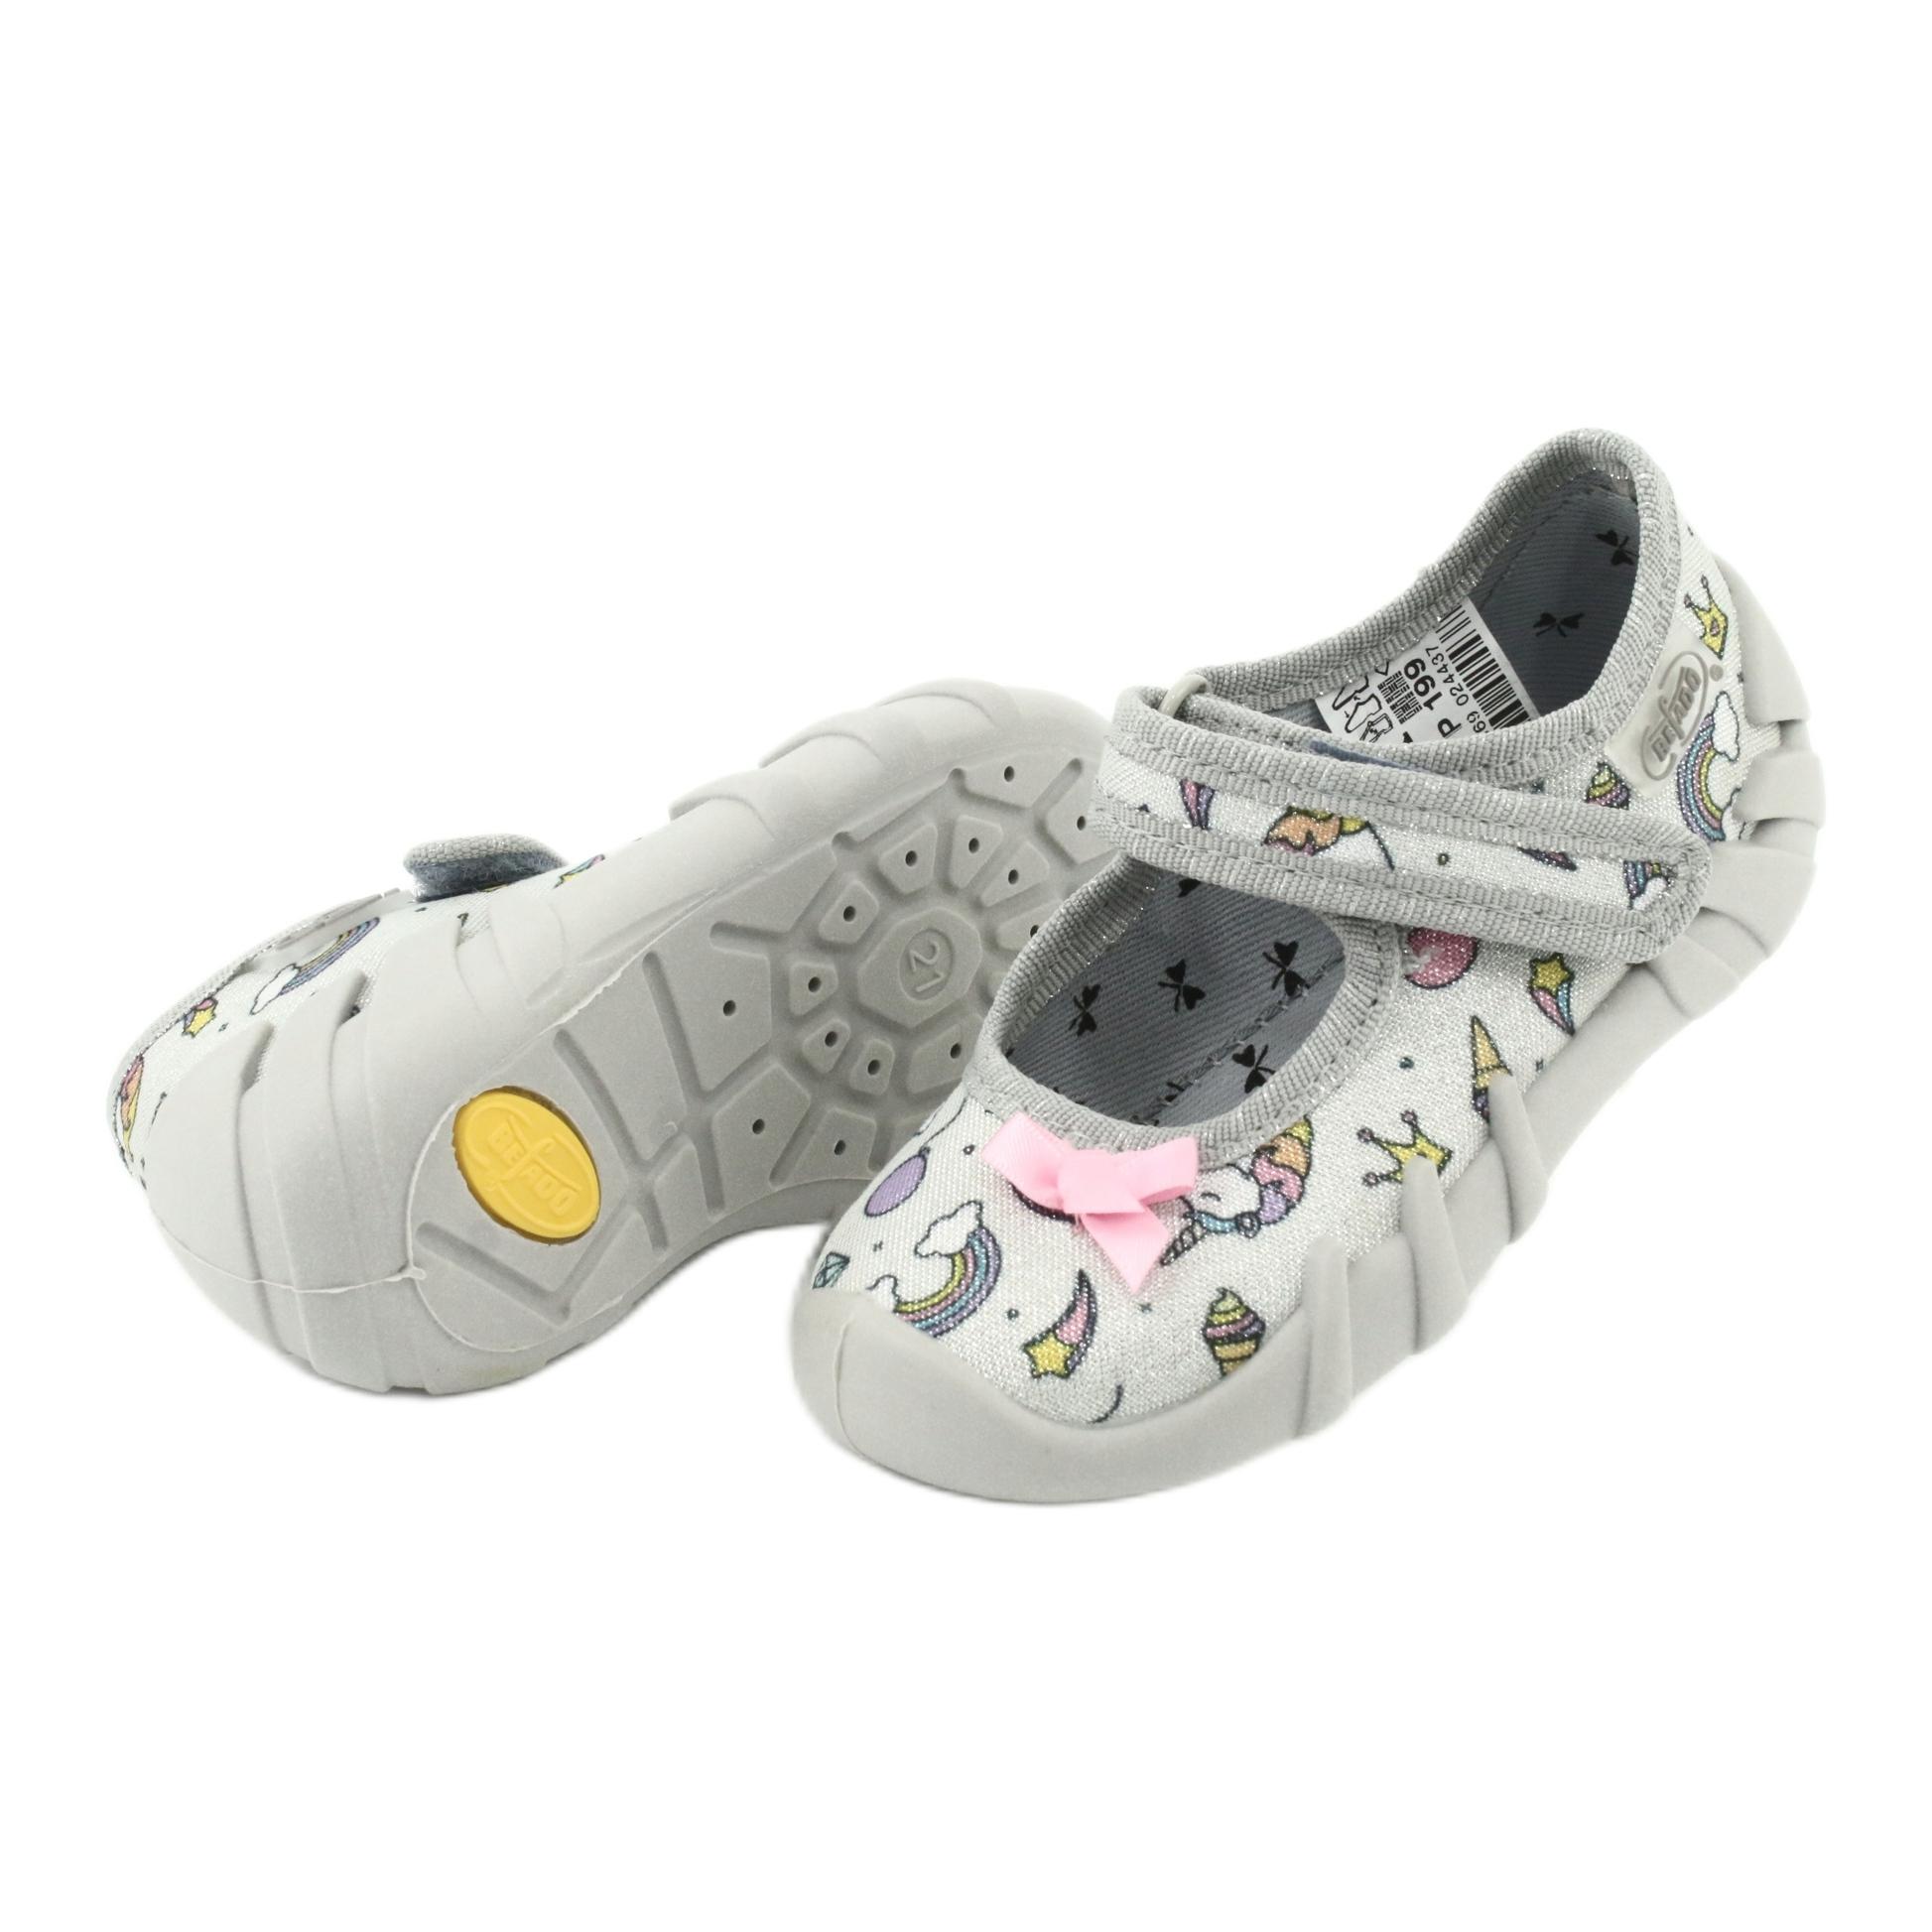 miniatura 6 - Scarpe per bambini Befado 109P199 grigio multicolore